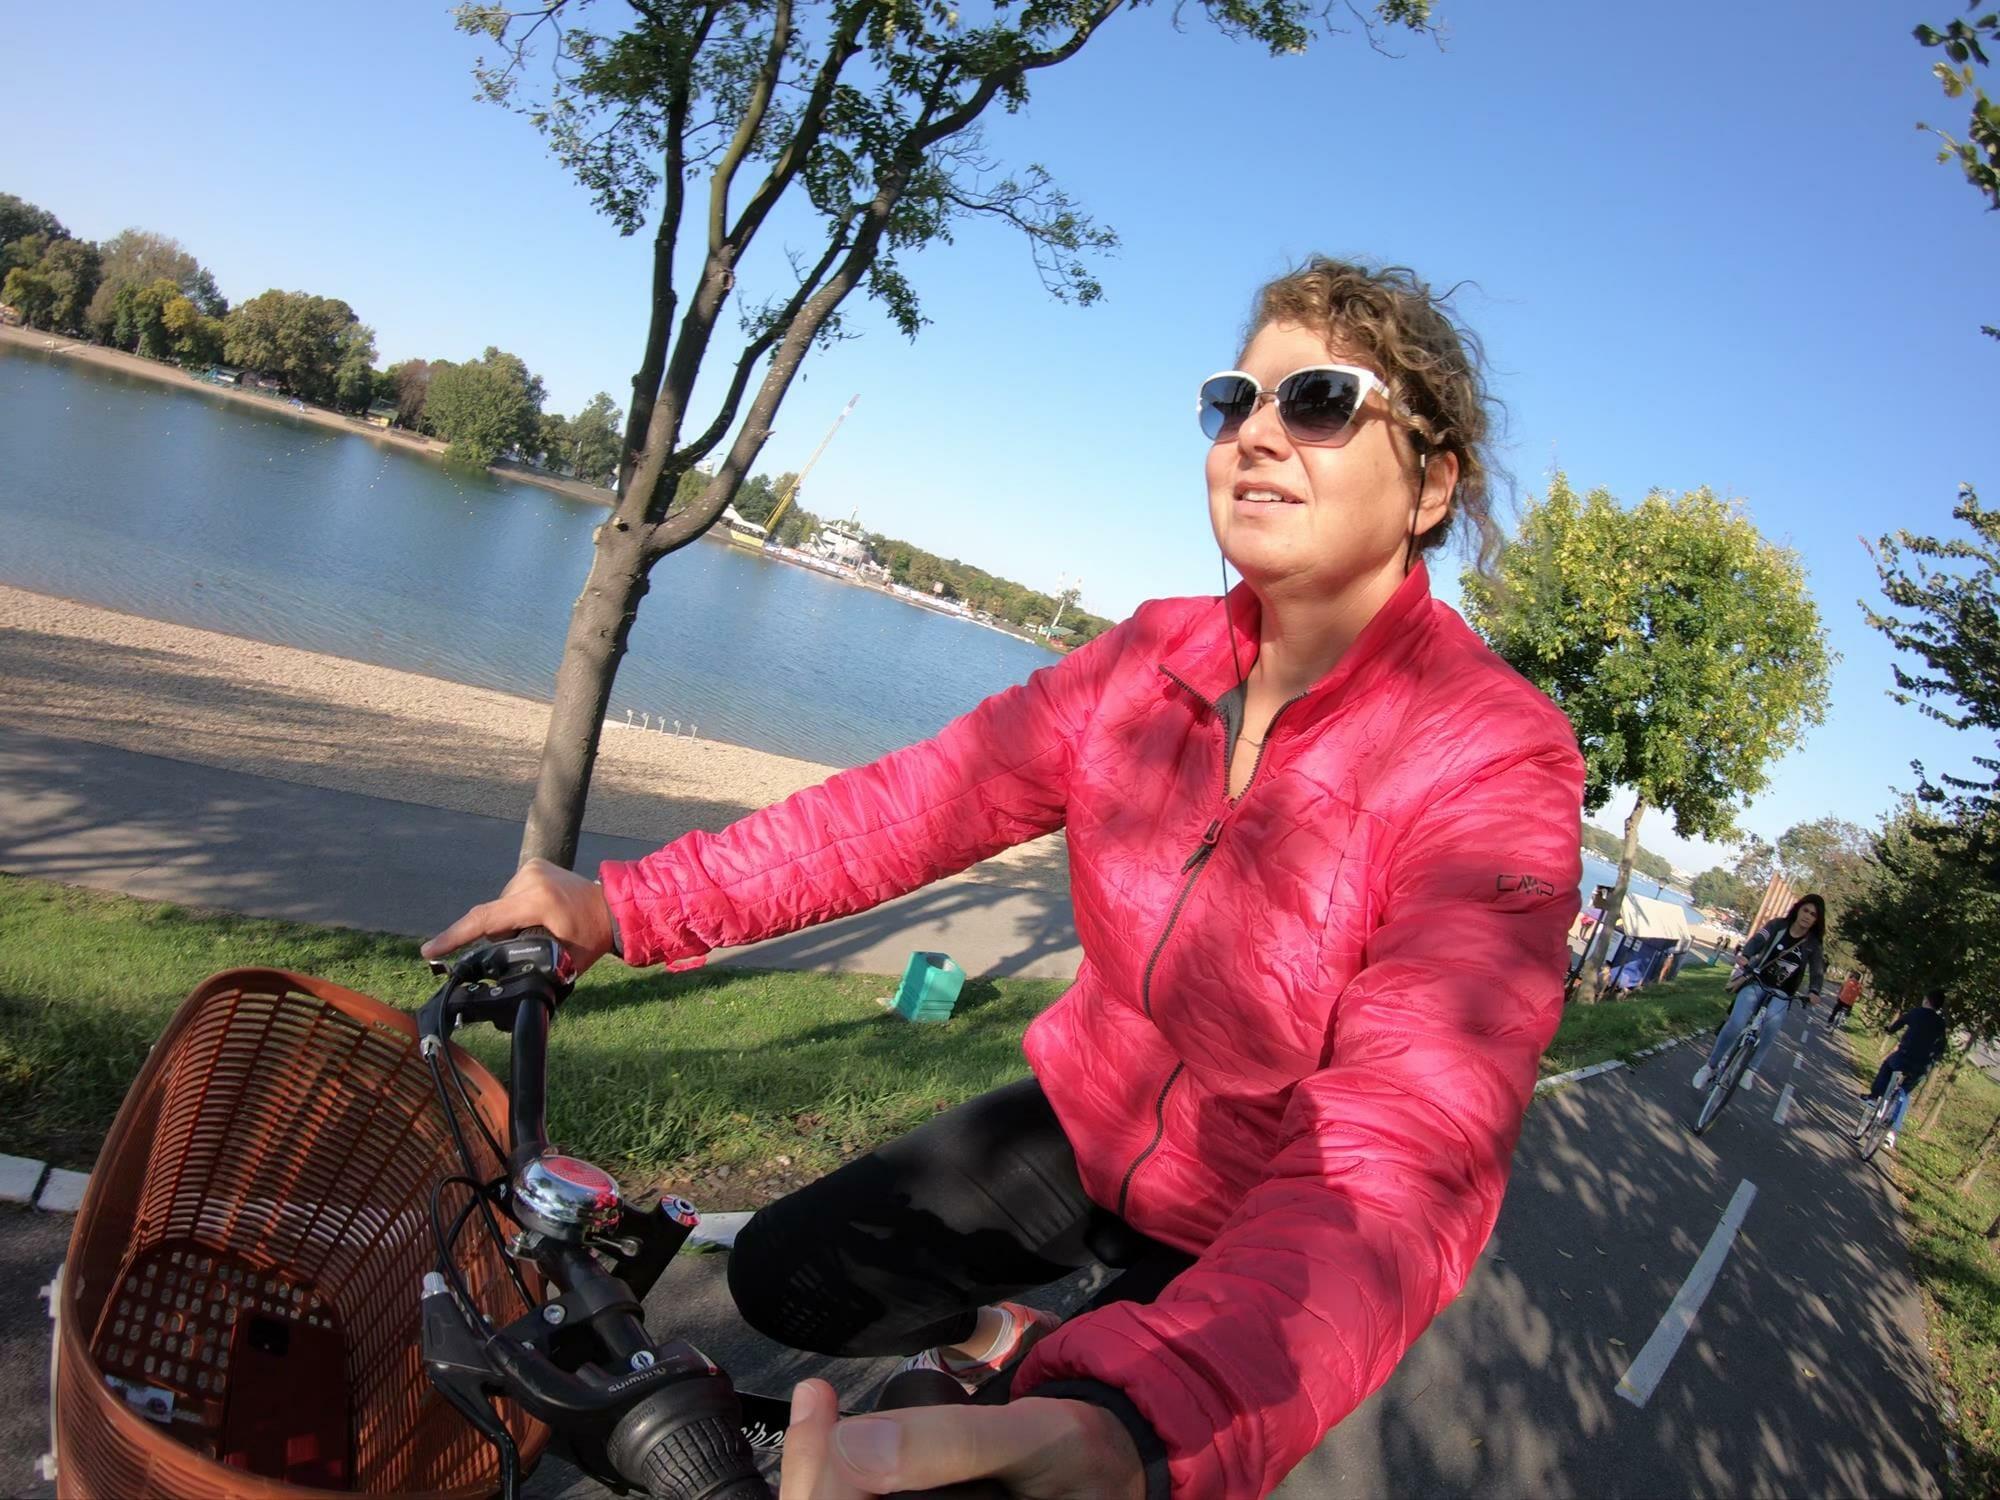 אופניים להשכרה, סירות להשכרה, פארק אדה, על אגם סאווה בבלגרד סרביה, מטיילים עם ענת